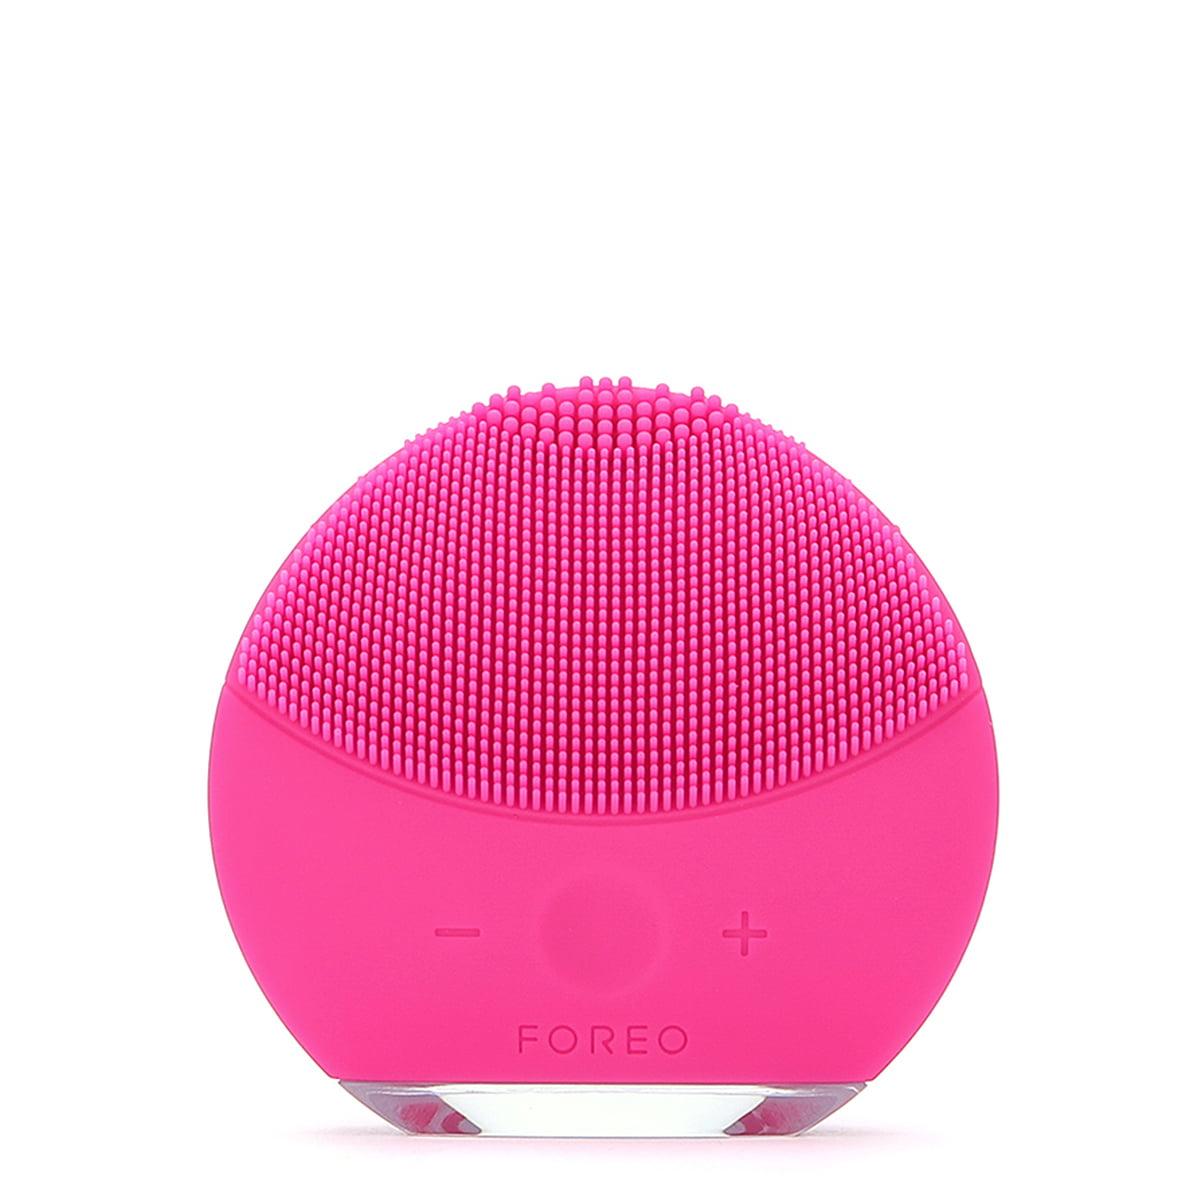 Foreo Luna Mini 2 Face Brush Cleasing Device F3401 Fuchsia